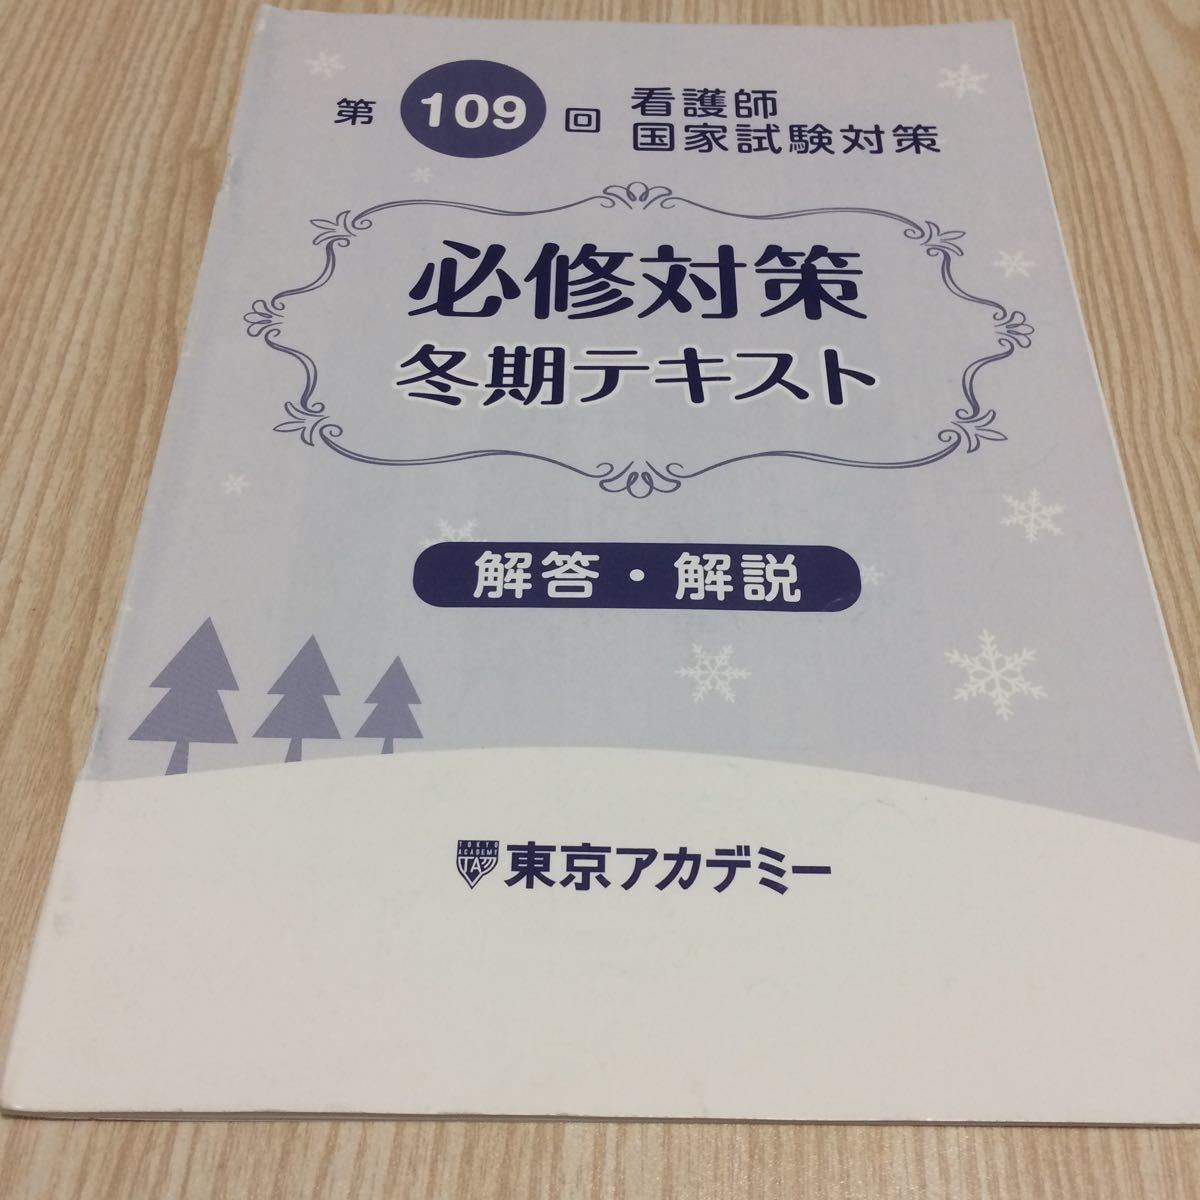 109 回 看護 師 国家 試験 解答